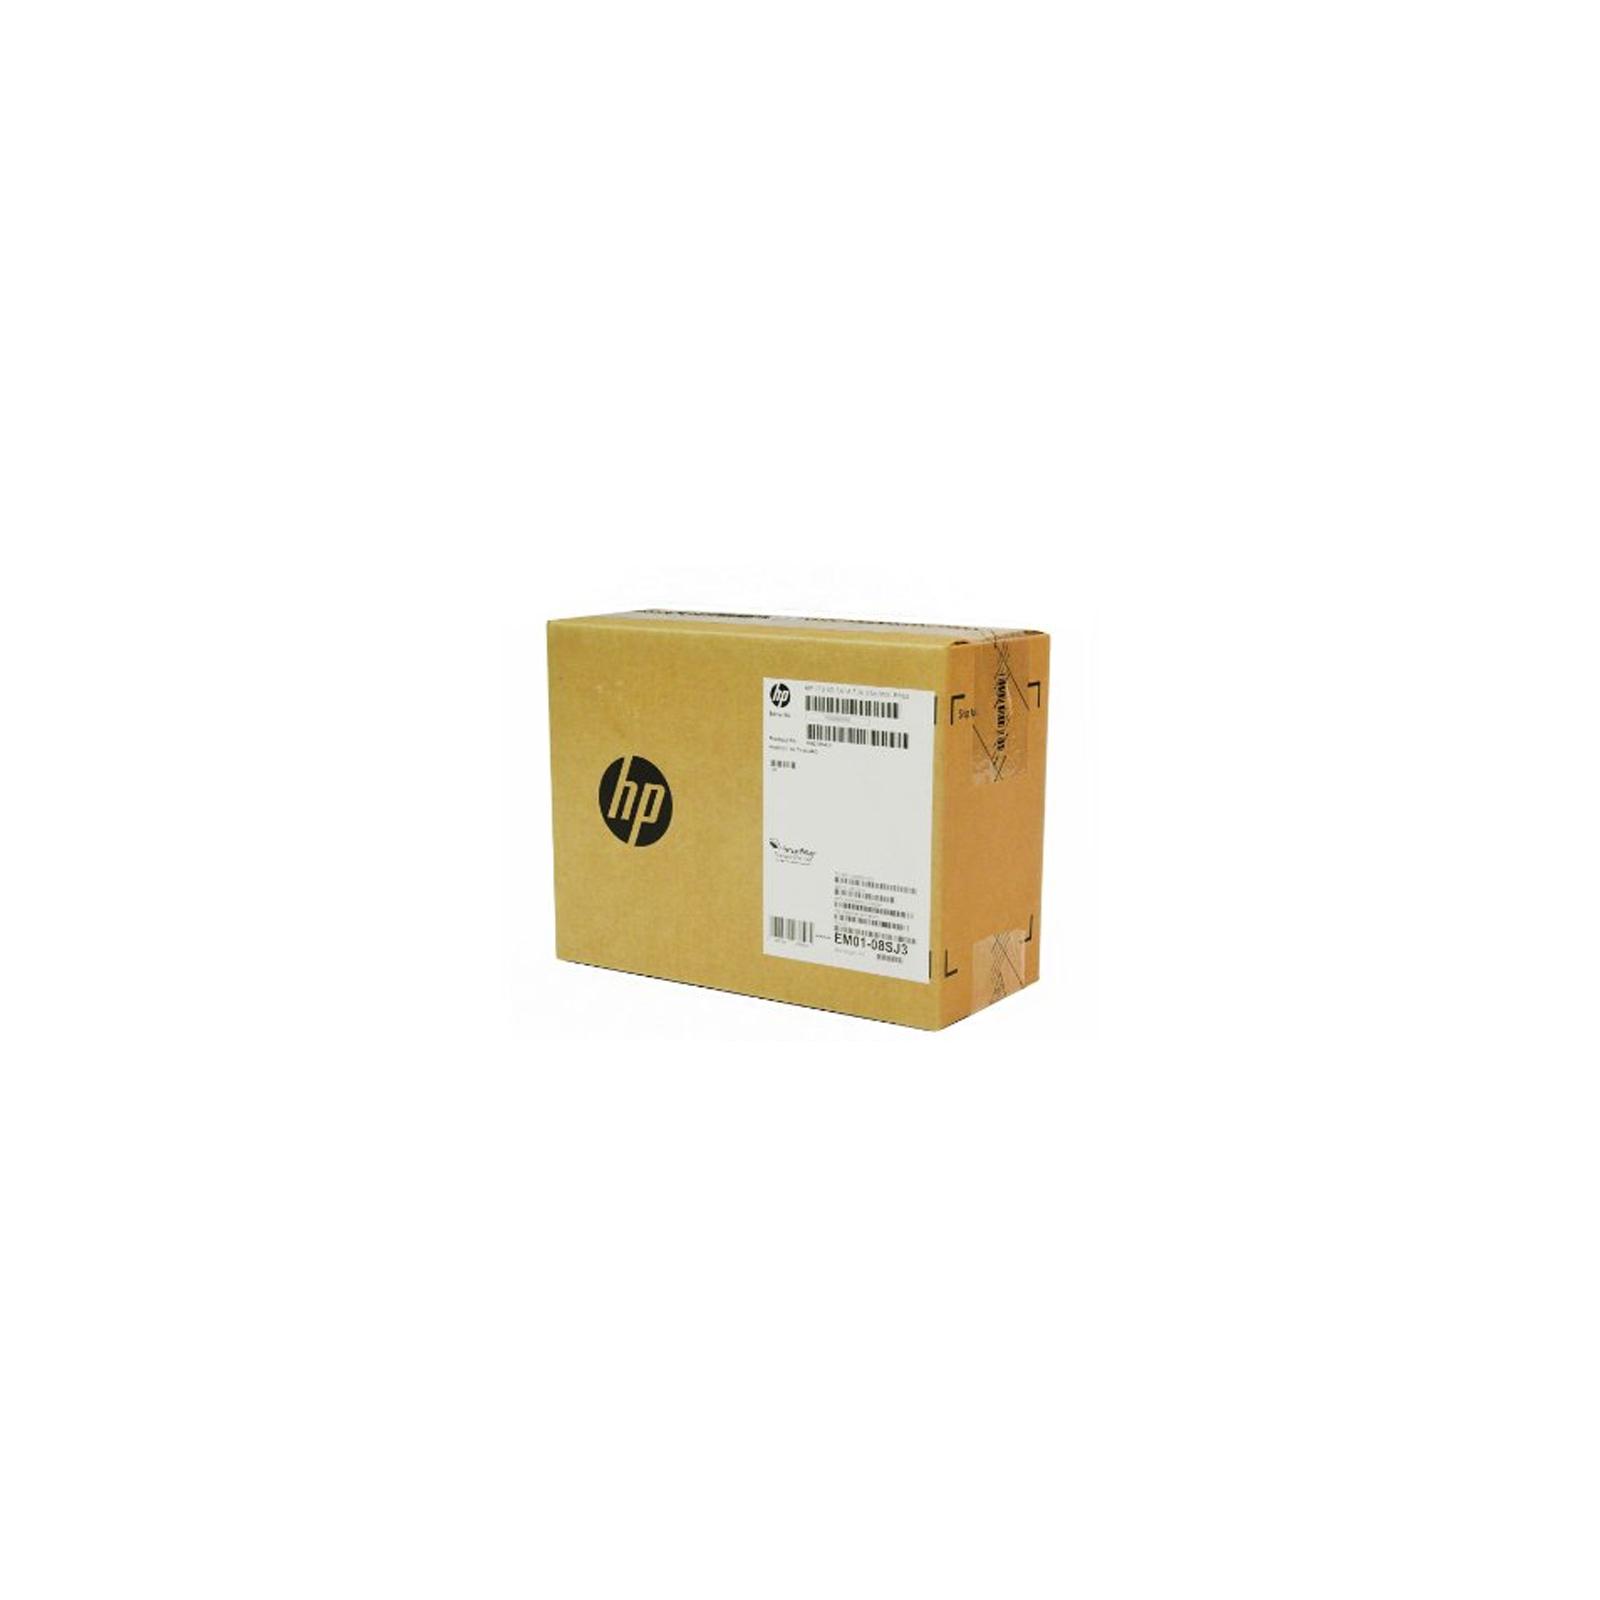 Жесткий диск для сервера HP 2TB (658079-B21) изображение 3